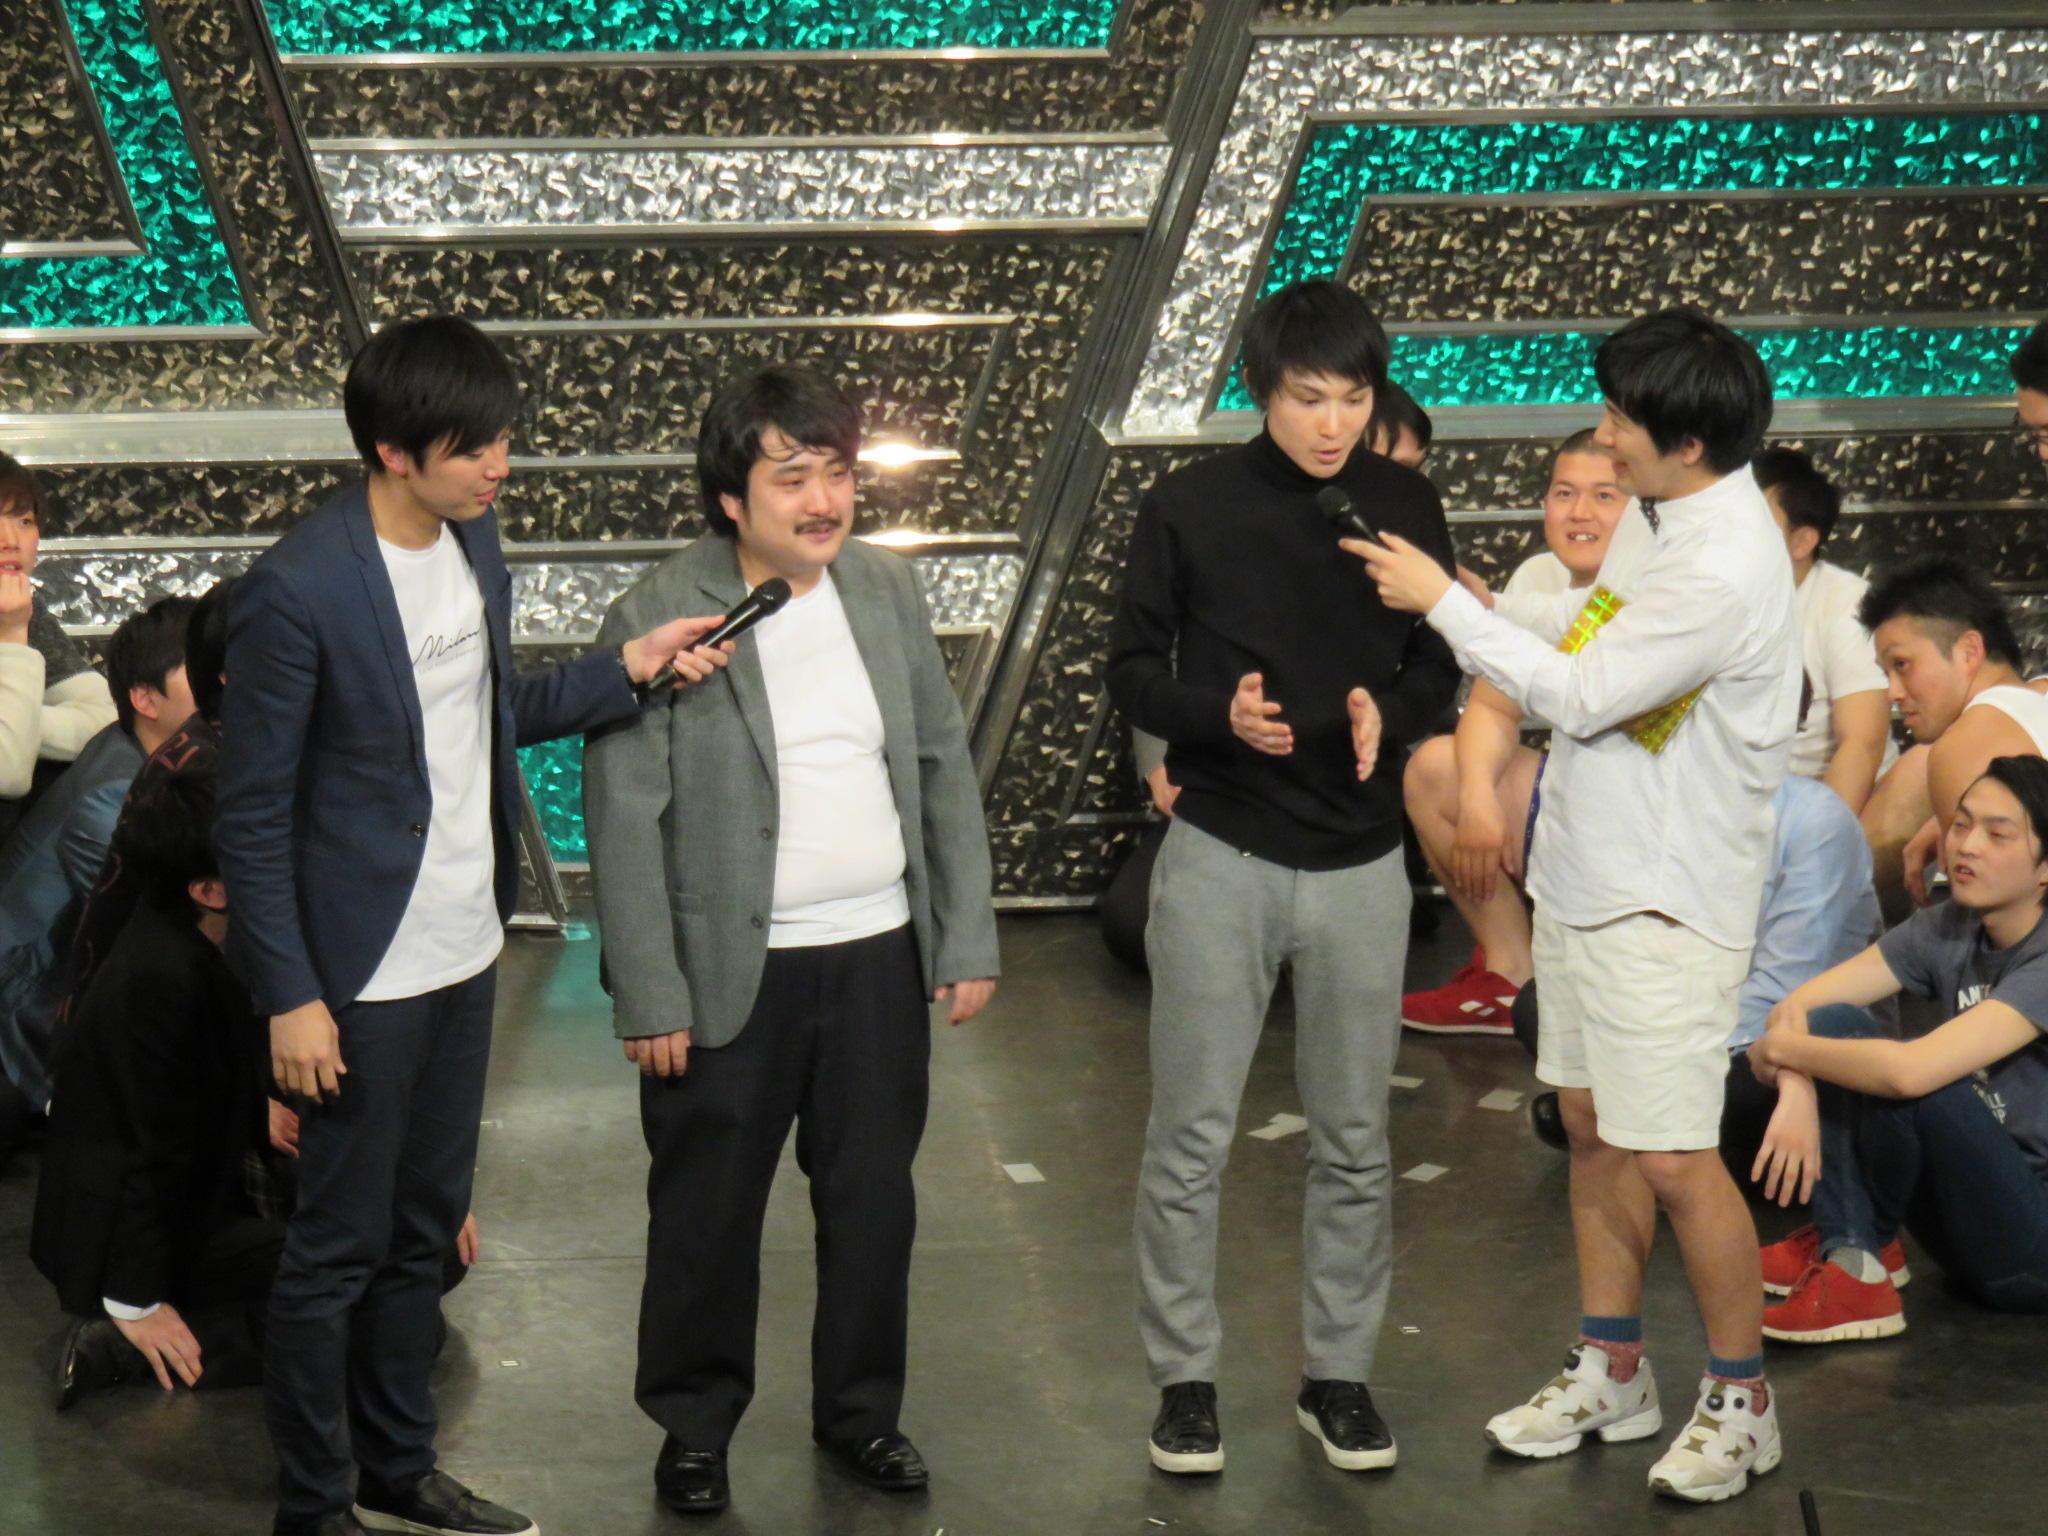 http://news.yoshimoto.co.jp/20160229144917-5983c98f995396a793dcb7ec1c663426ce50a42c.jpg